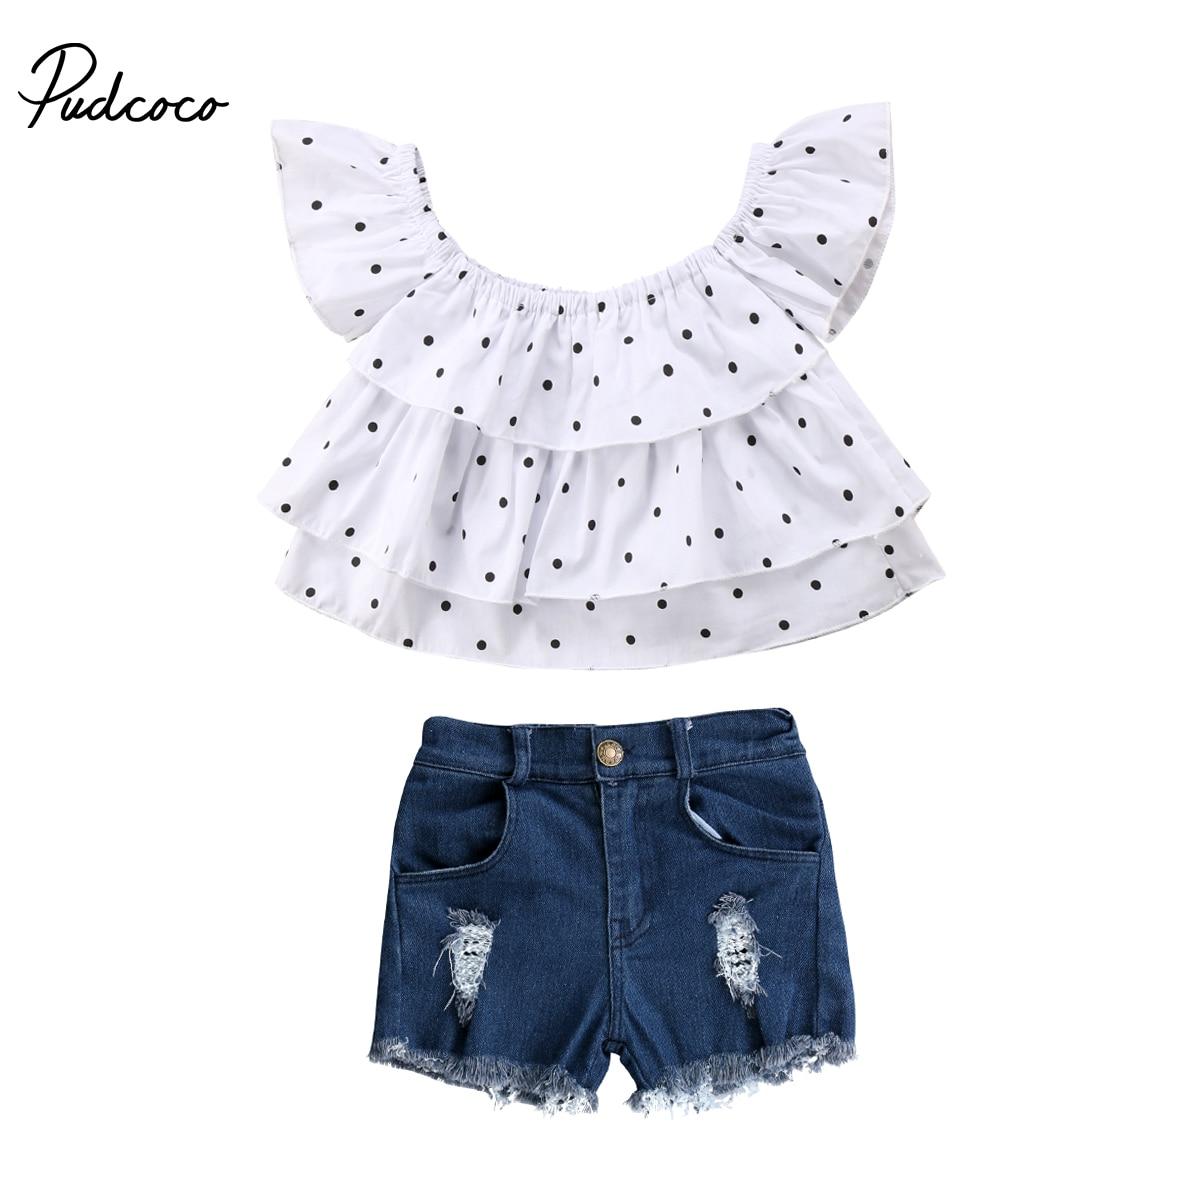 Pudcoco для новорожденных Одежда для девочек комплект с открытыми плечами Футболка Топ + джинсовые штаны Детский комплект для девочек из 2 пред...